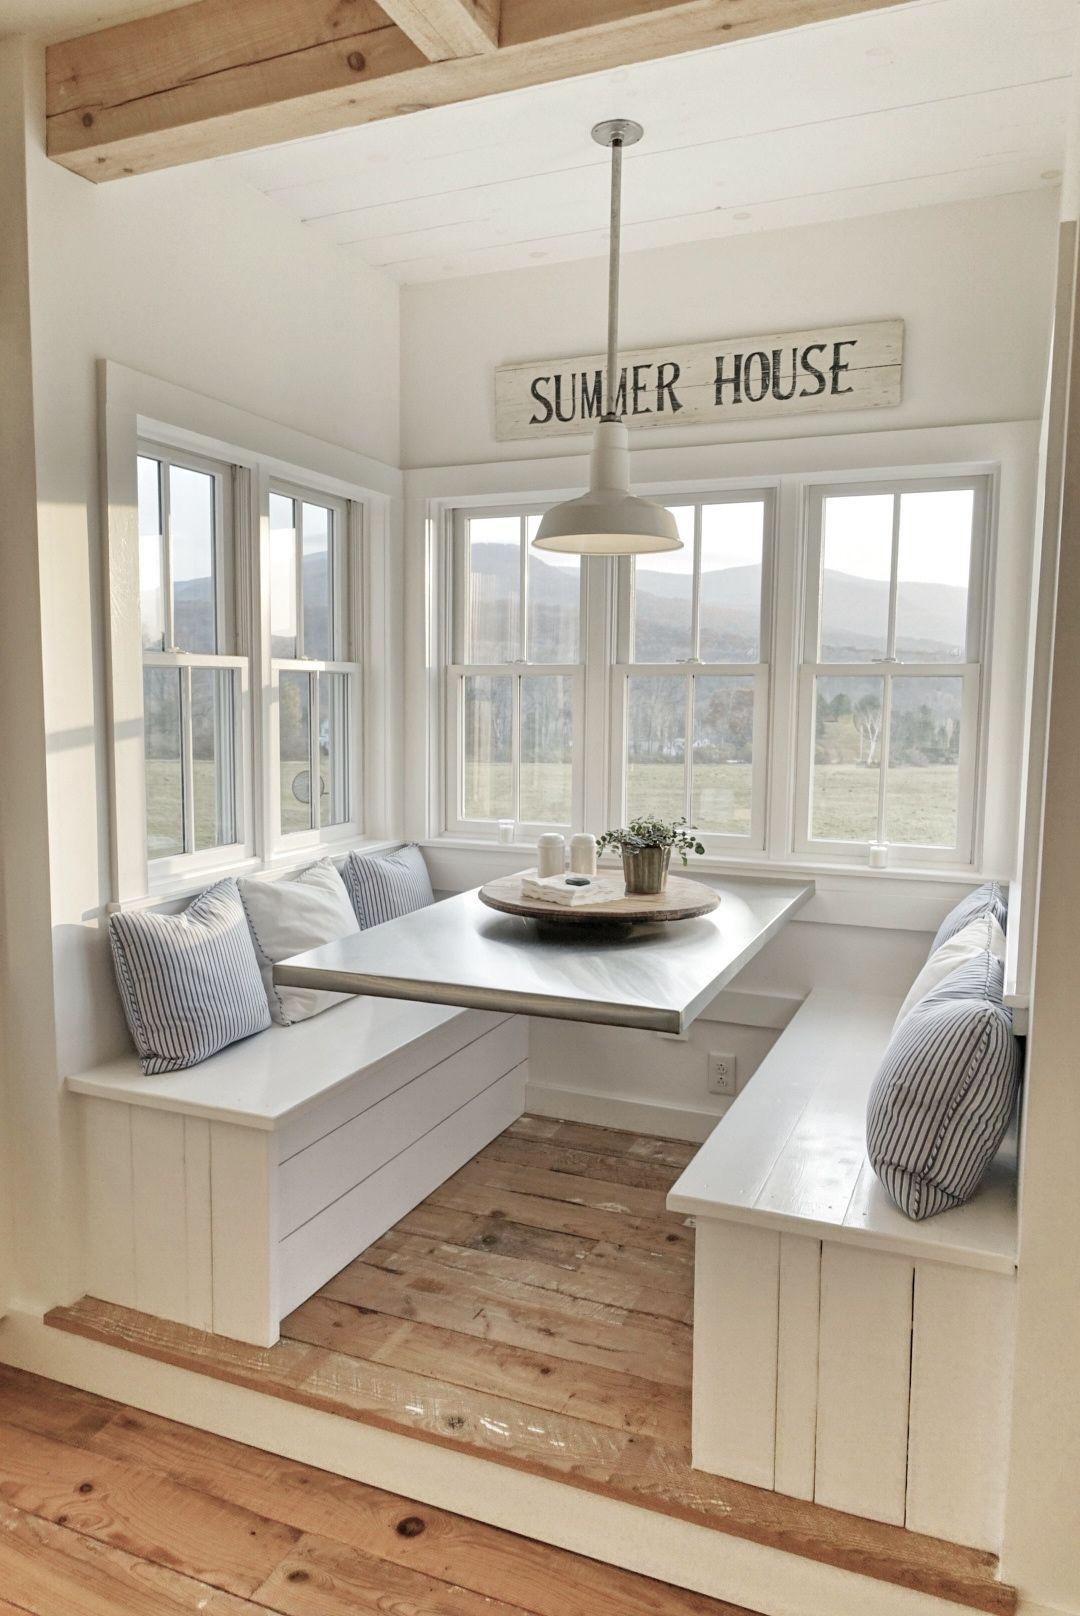 Wohndesign für kleines schlafzimmer sehr gemütlich  zu hause  pinterest  wohnen einrichtung und